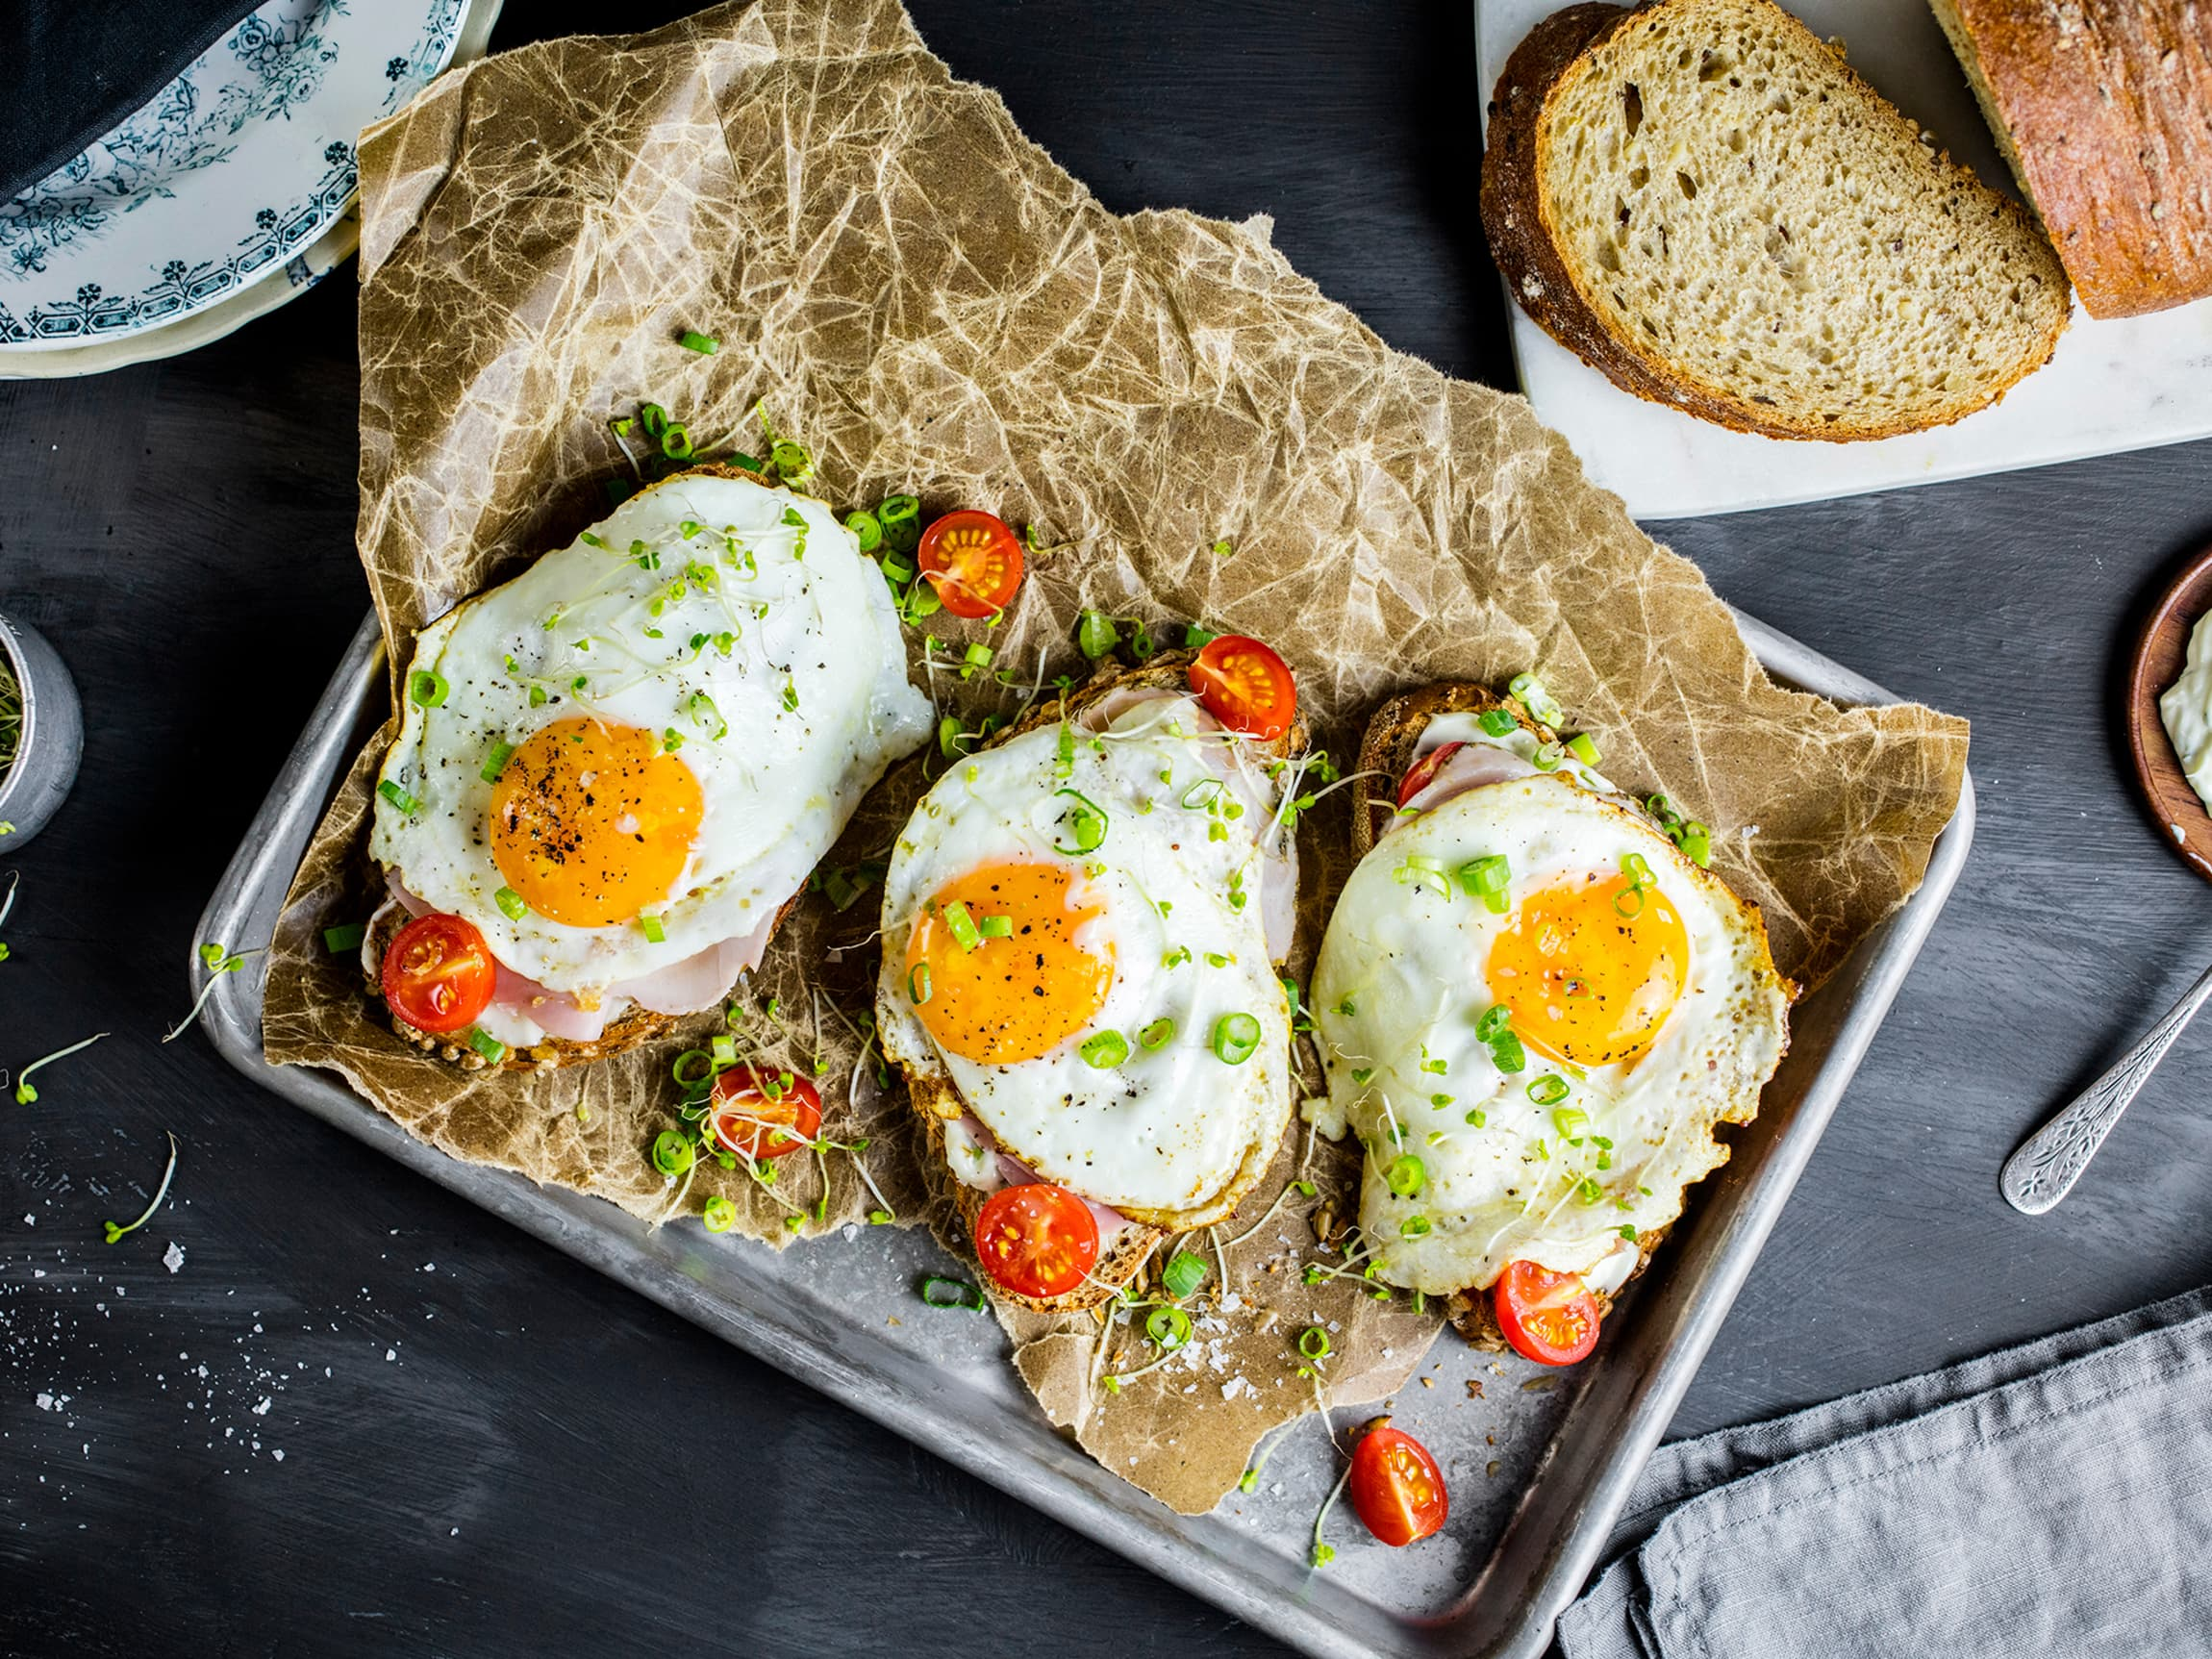 Frokostsmørbrød med speilegg, perfekt til påskefrokosten når man vil kose seg litt ekstra.